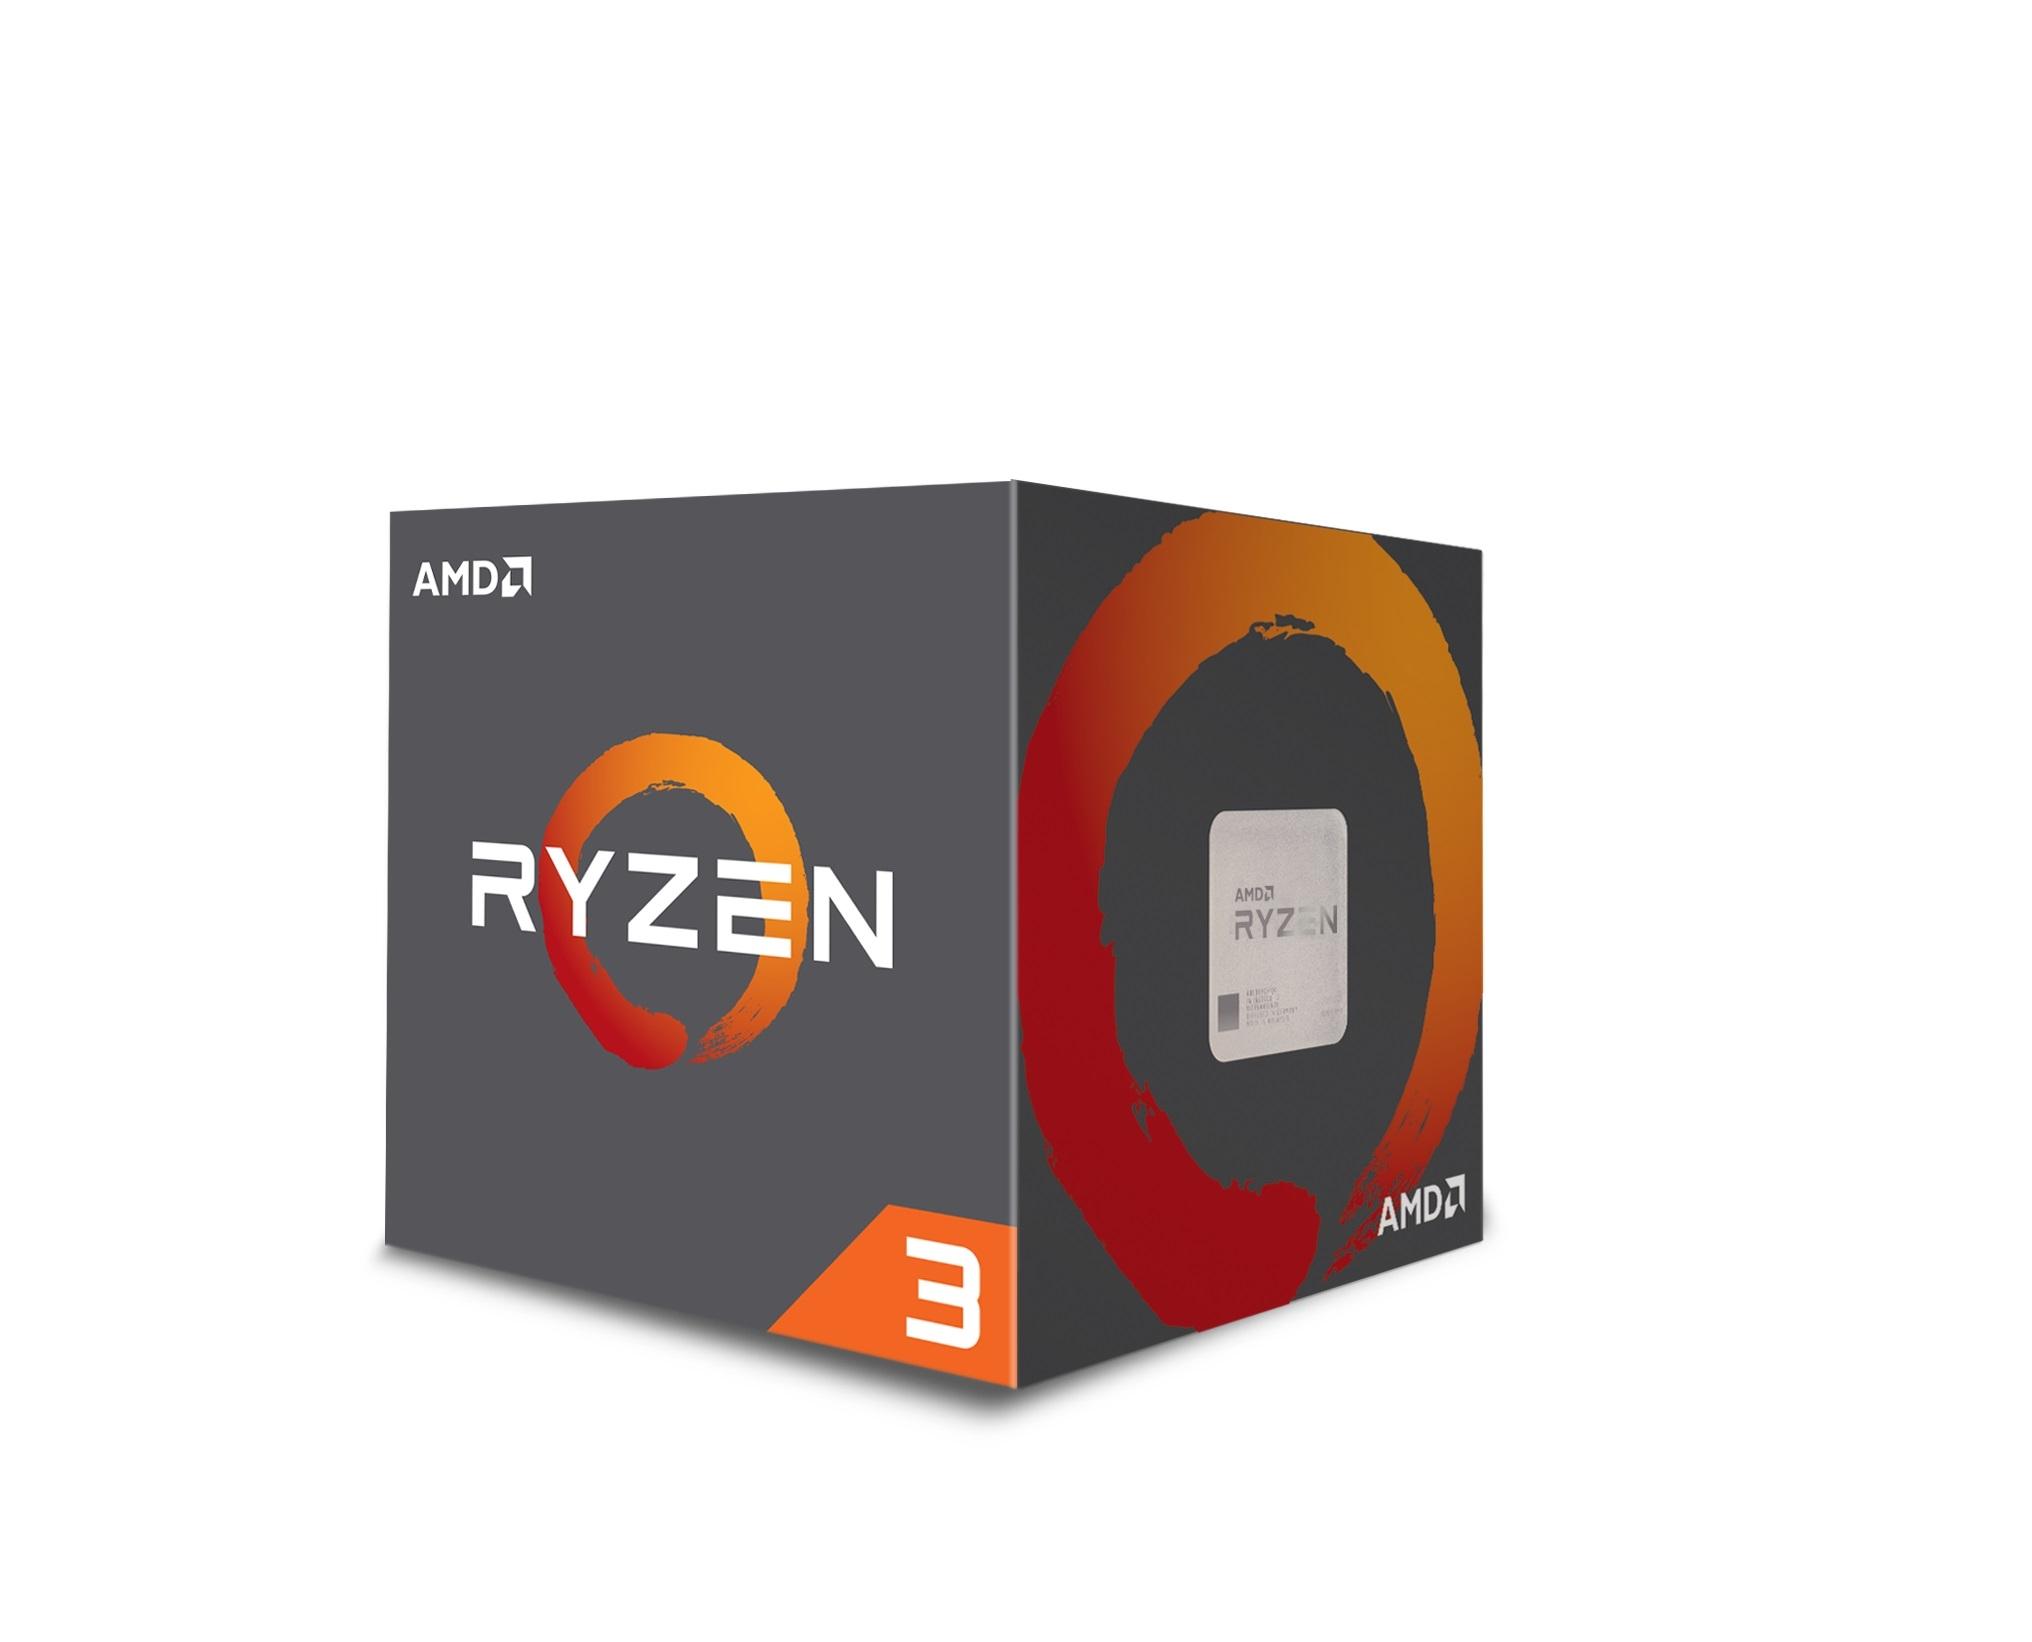 Procesor AMD Ryzen 3 1300X 3.7 GHz 10MB